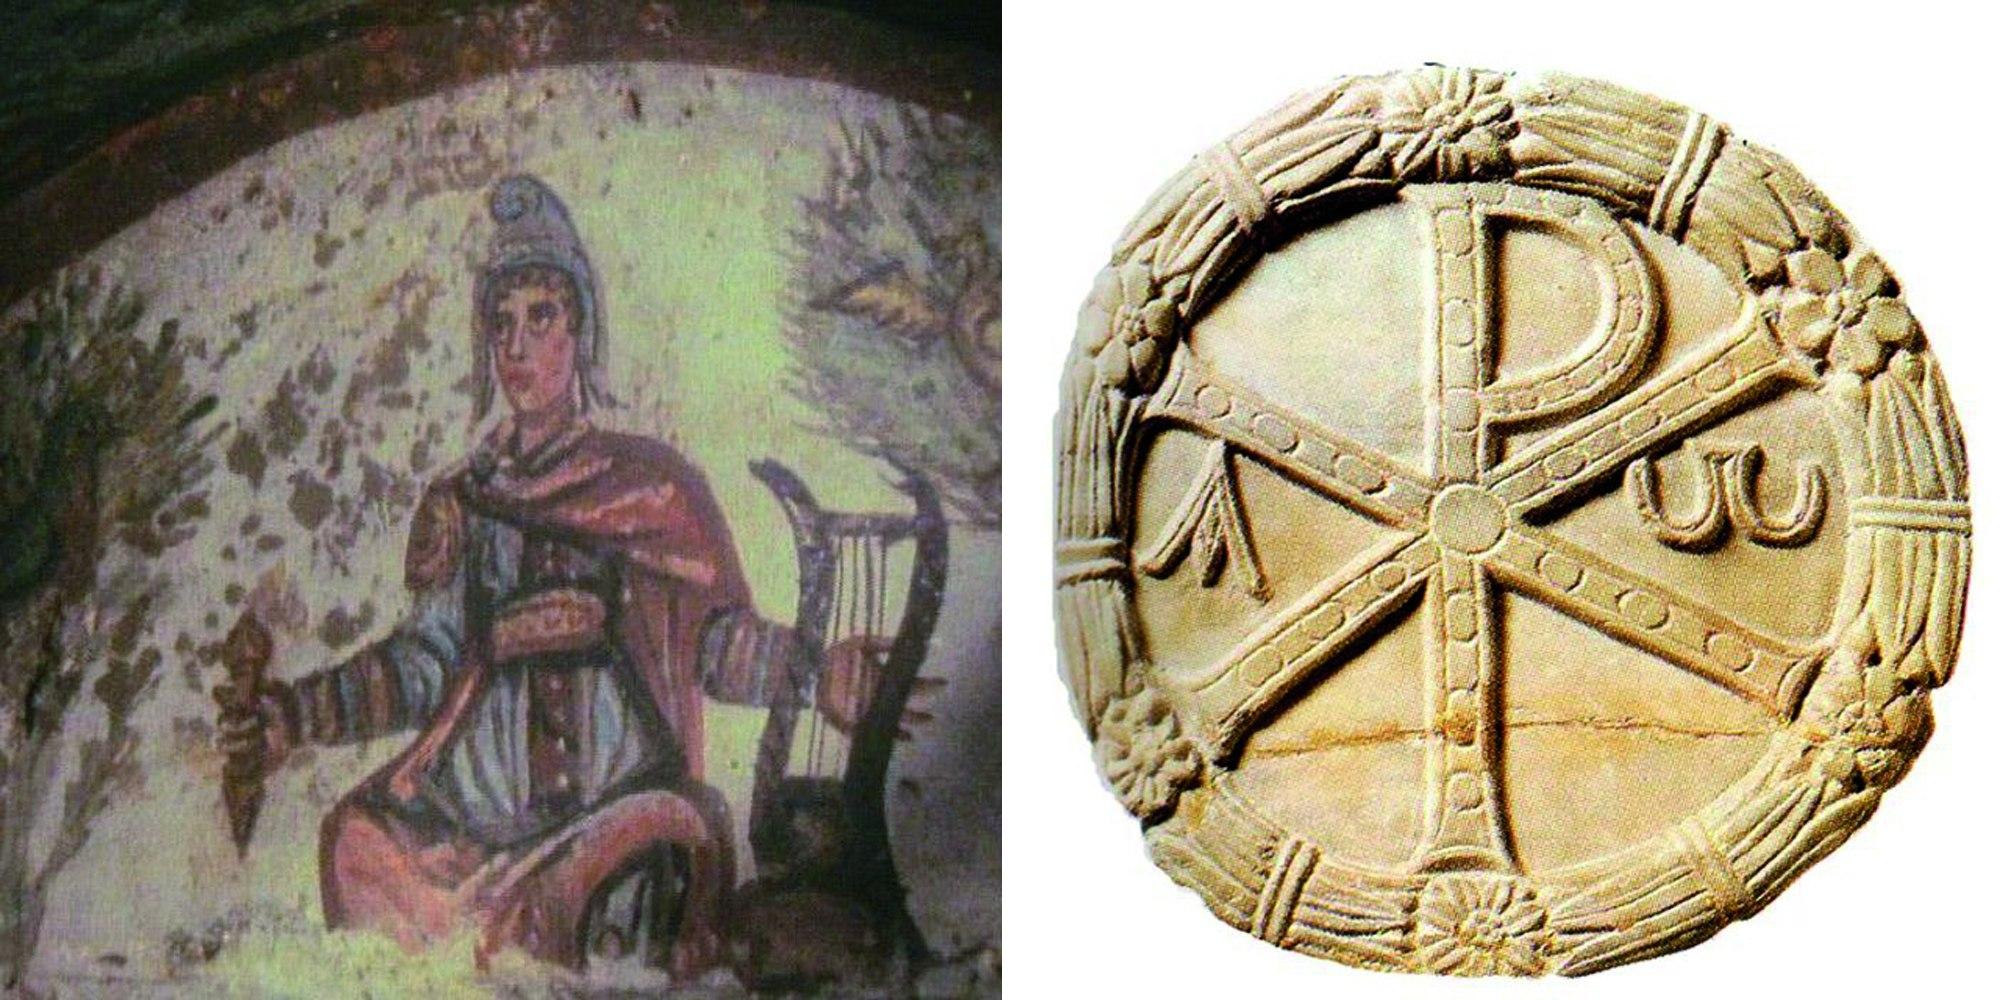 Слева. Изображение Христа в виде Орфея. I век. Справа. Лабарум. Катакомбы Прискиллы.